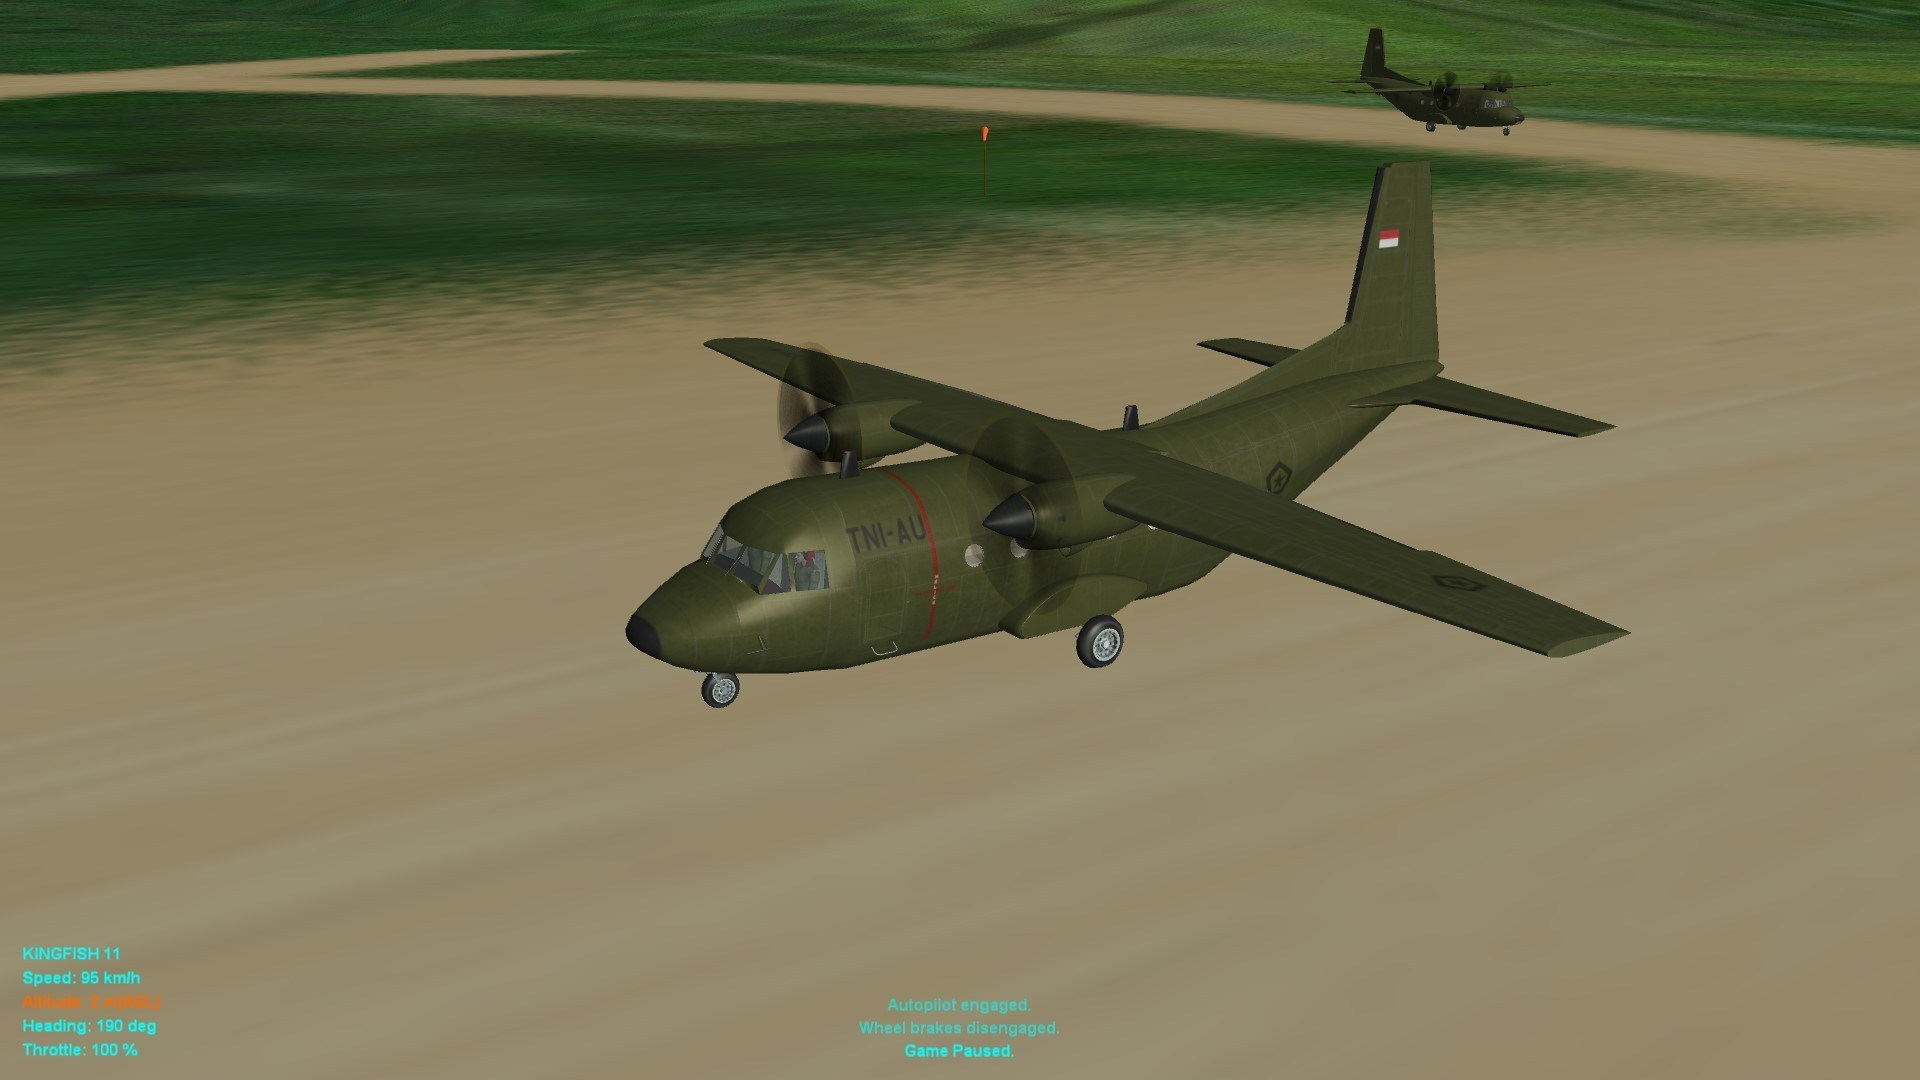 CASA-212-100 TNI